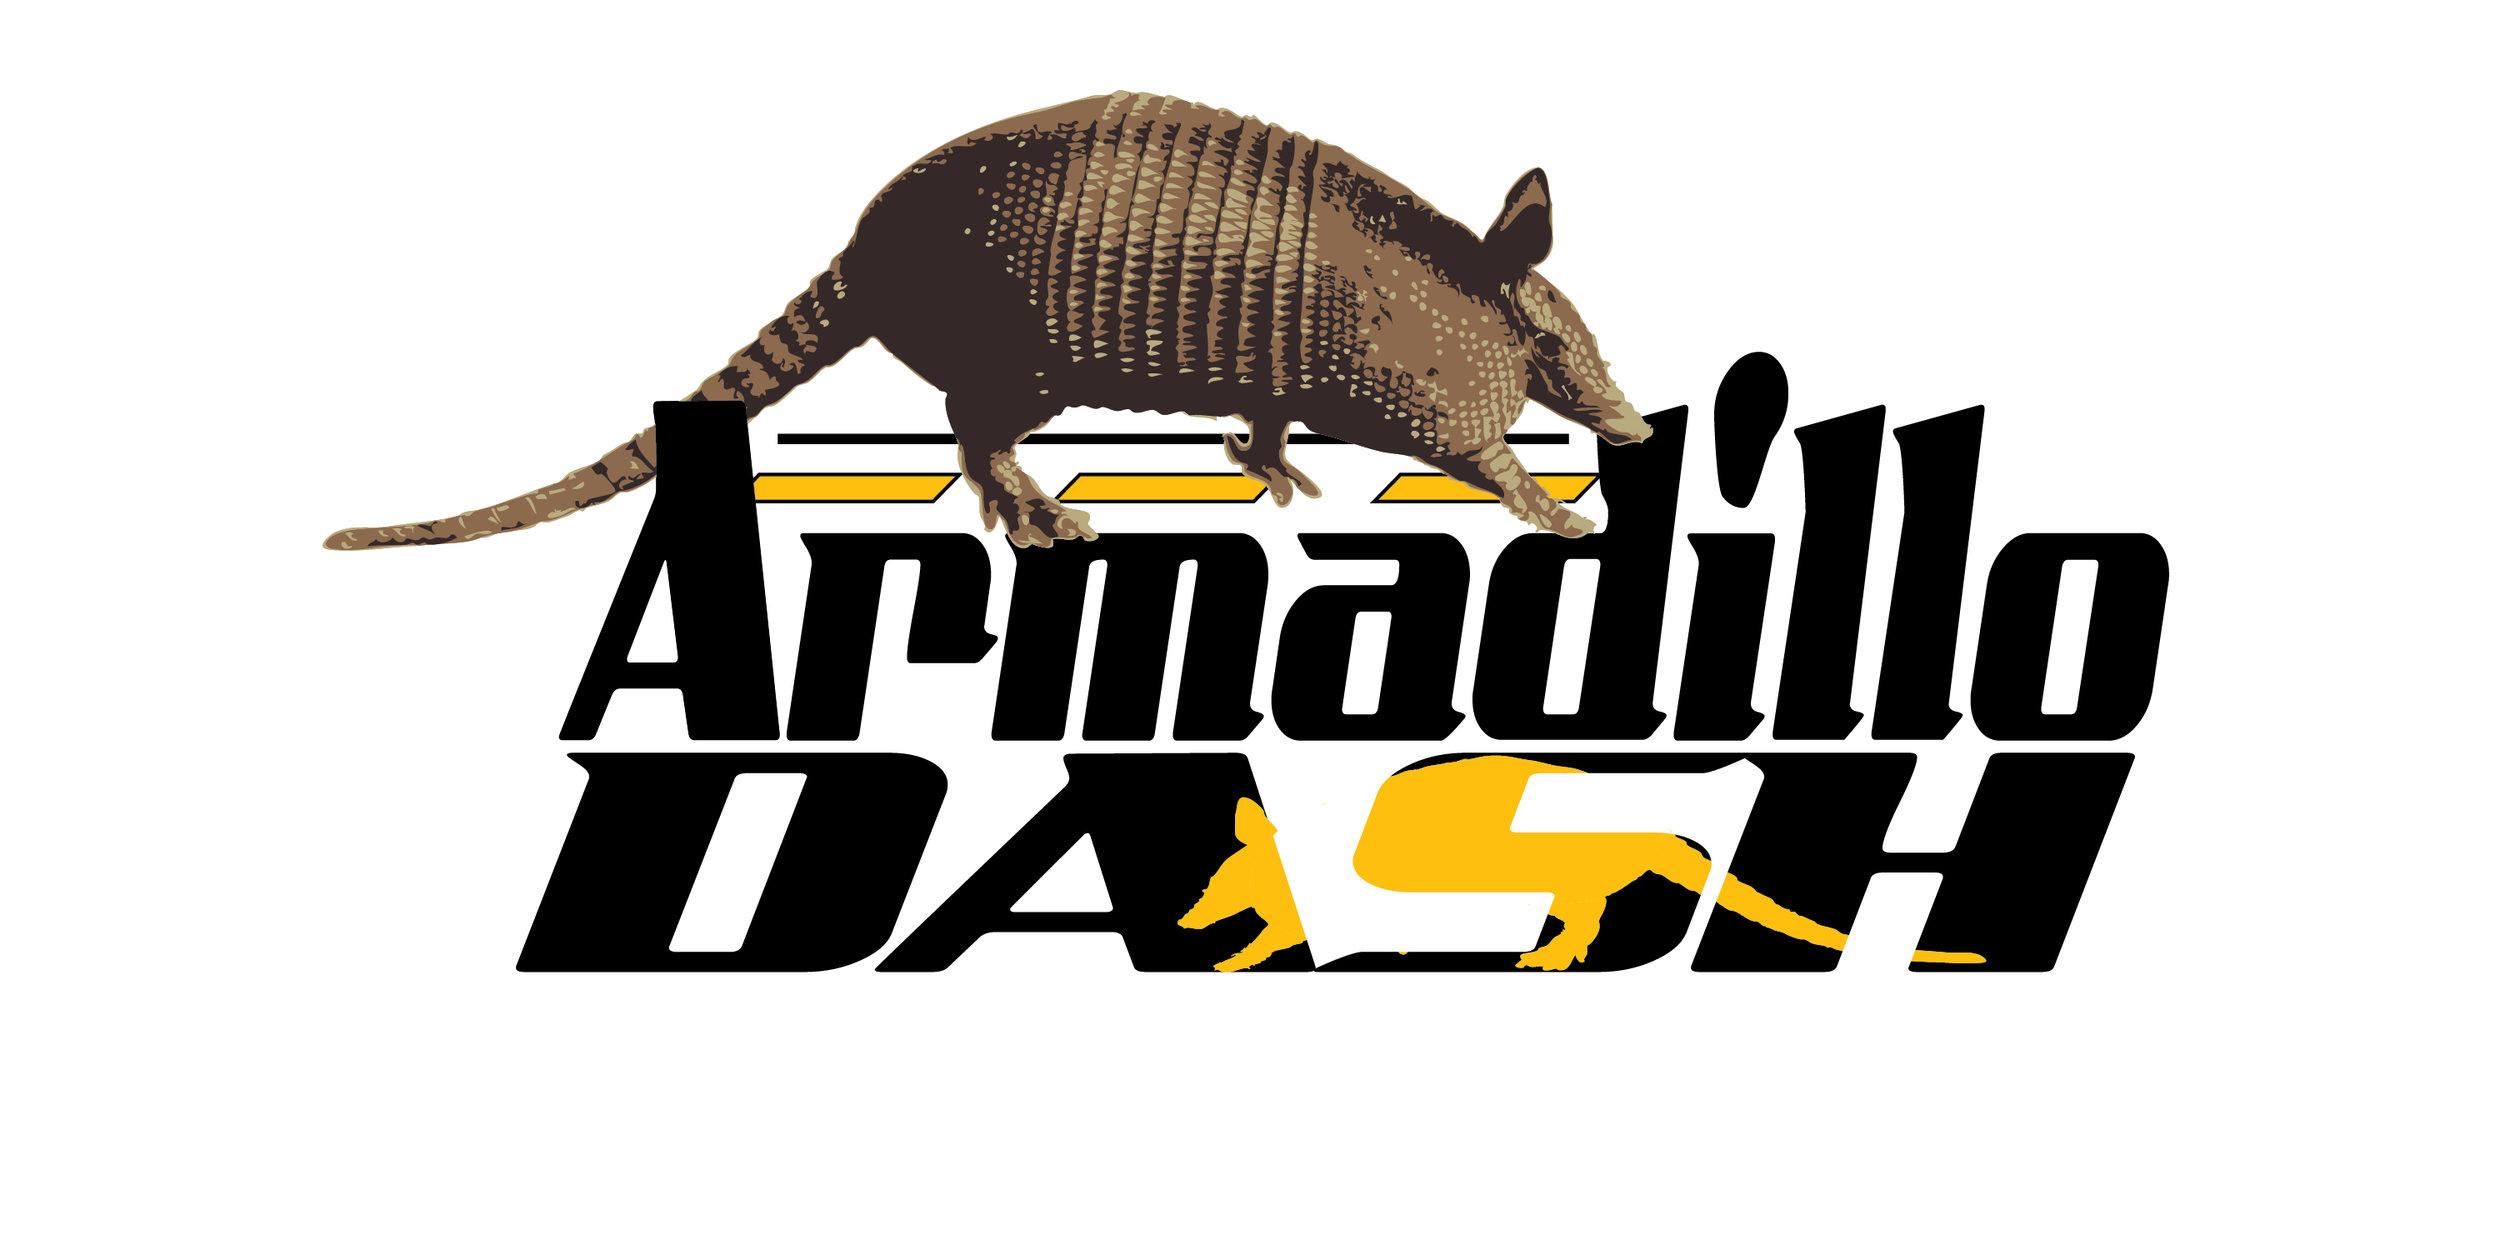 Armadillo Dash 2013 Logo No Dates(16x9).jpg